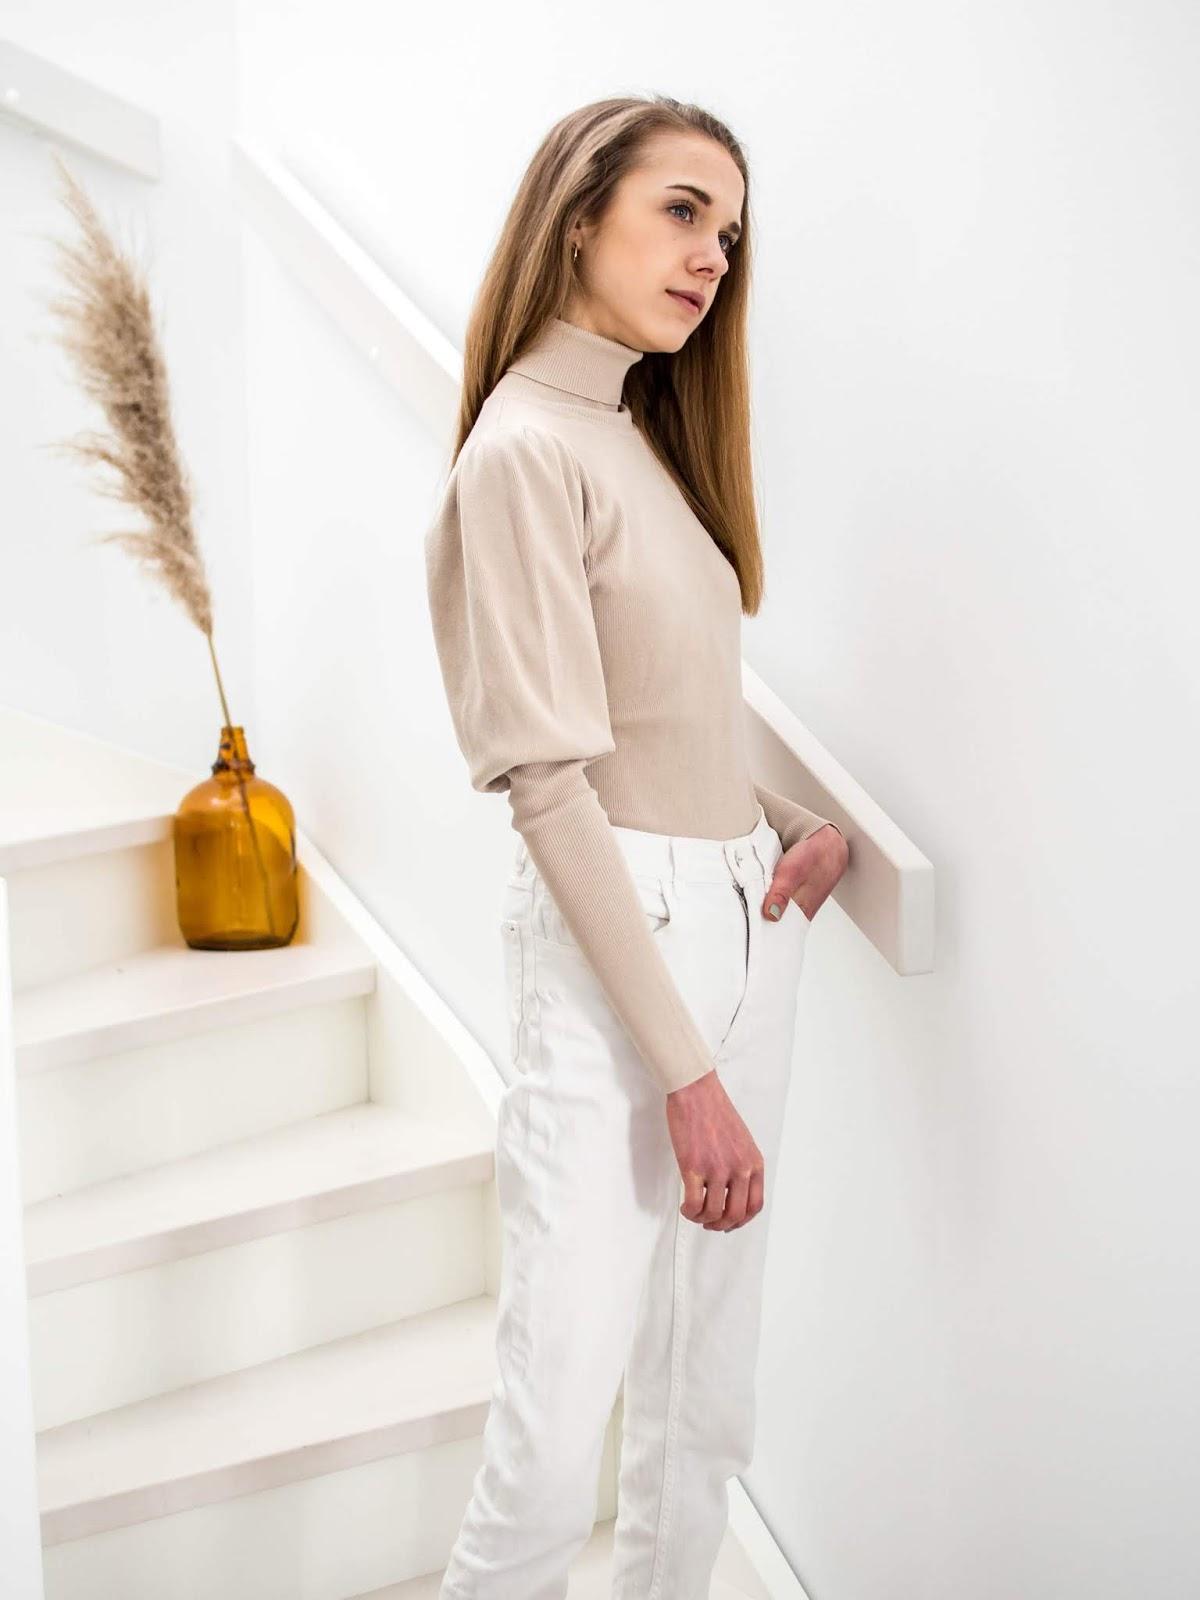 Scandinavian fashion blogger outfit inspiration - Muotibloggaaja, skandinavinen tyyli, asuinspiraatio